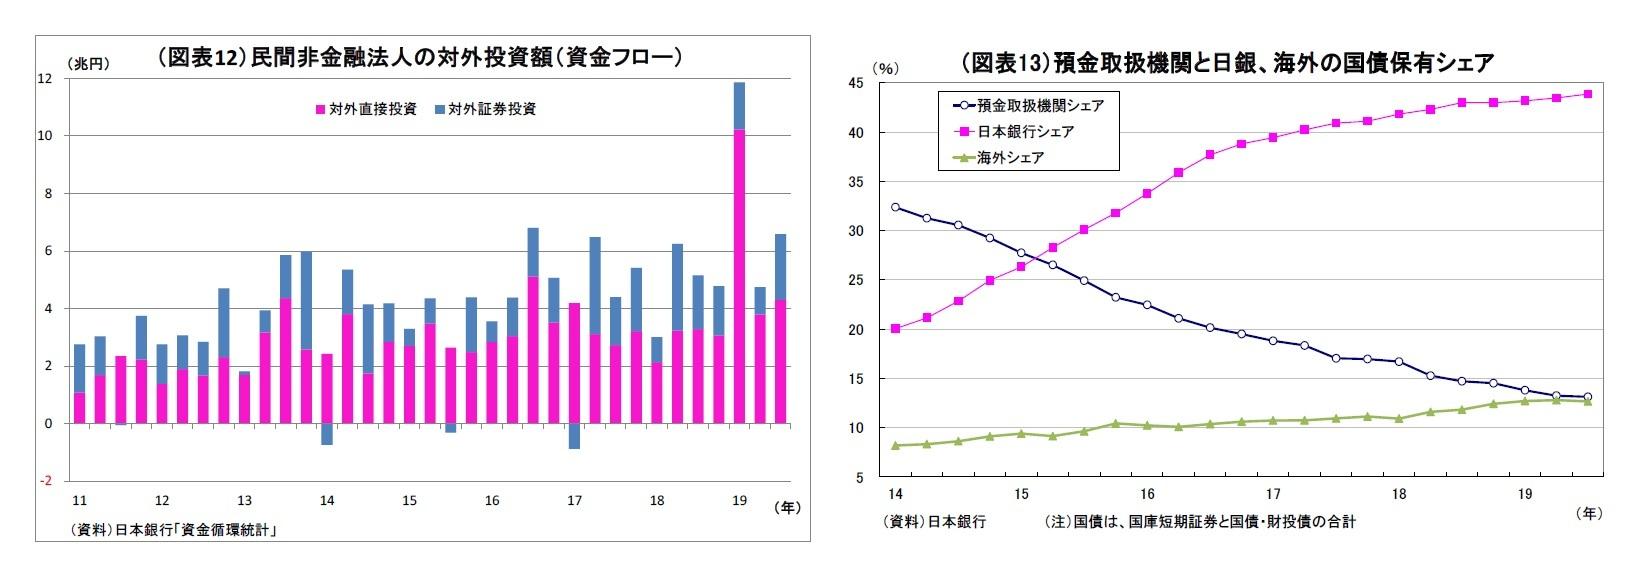 (図表12)民間非金融法人の対外投資額(資金フロー)/(図表13)預金取扱機関と日銀、海外の国債保有シェア